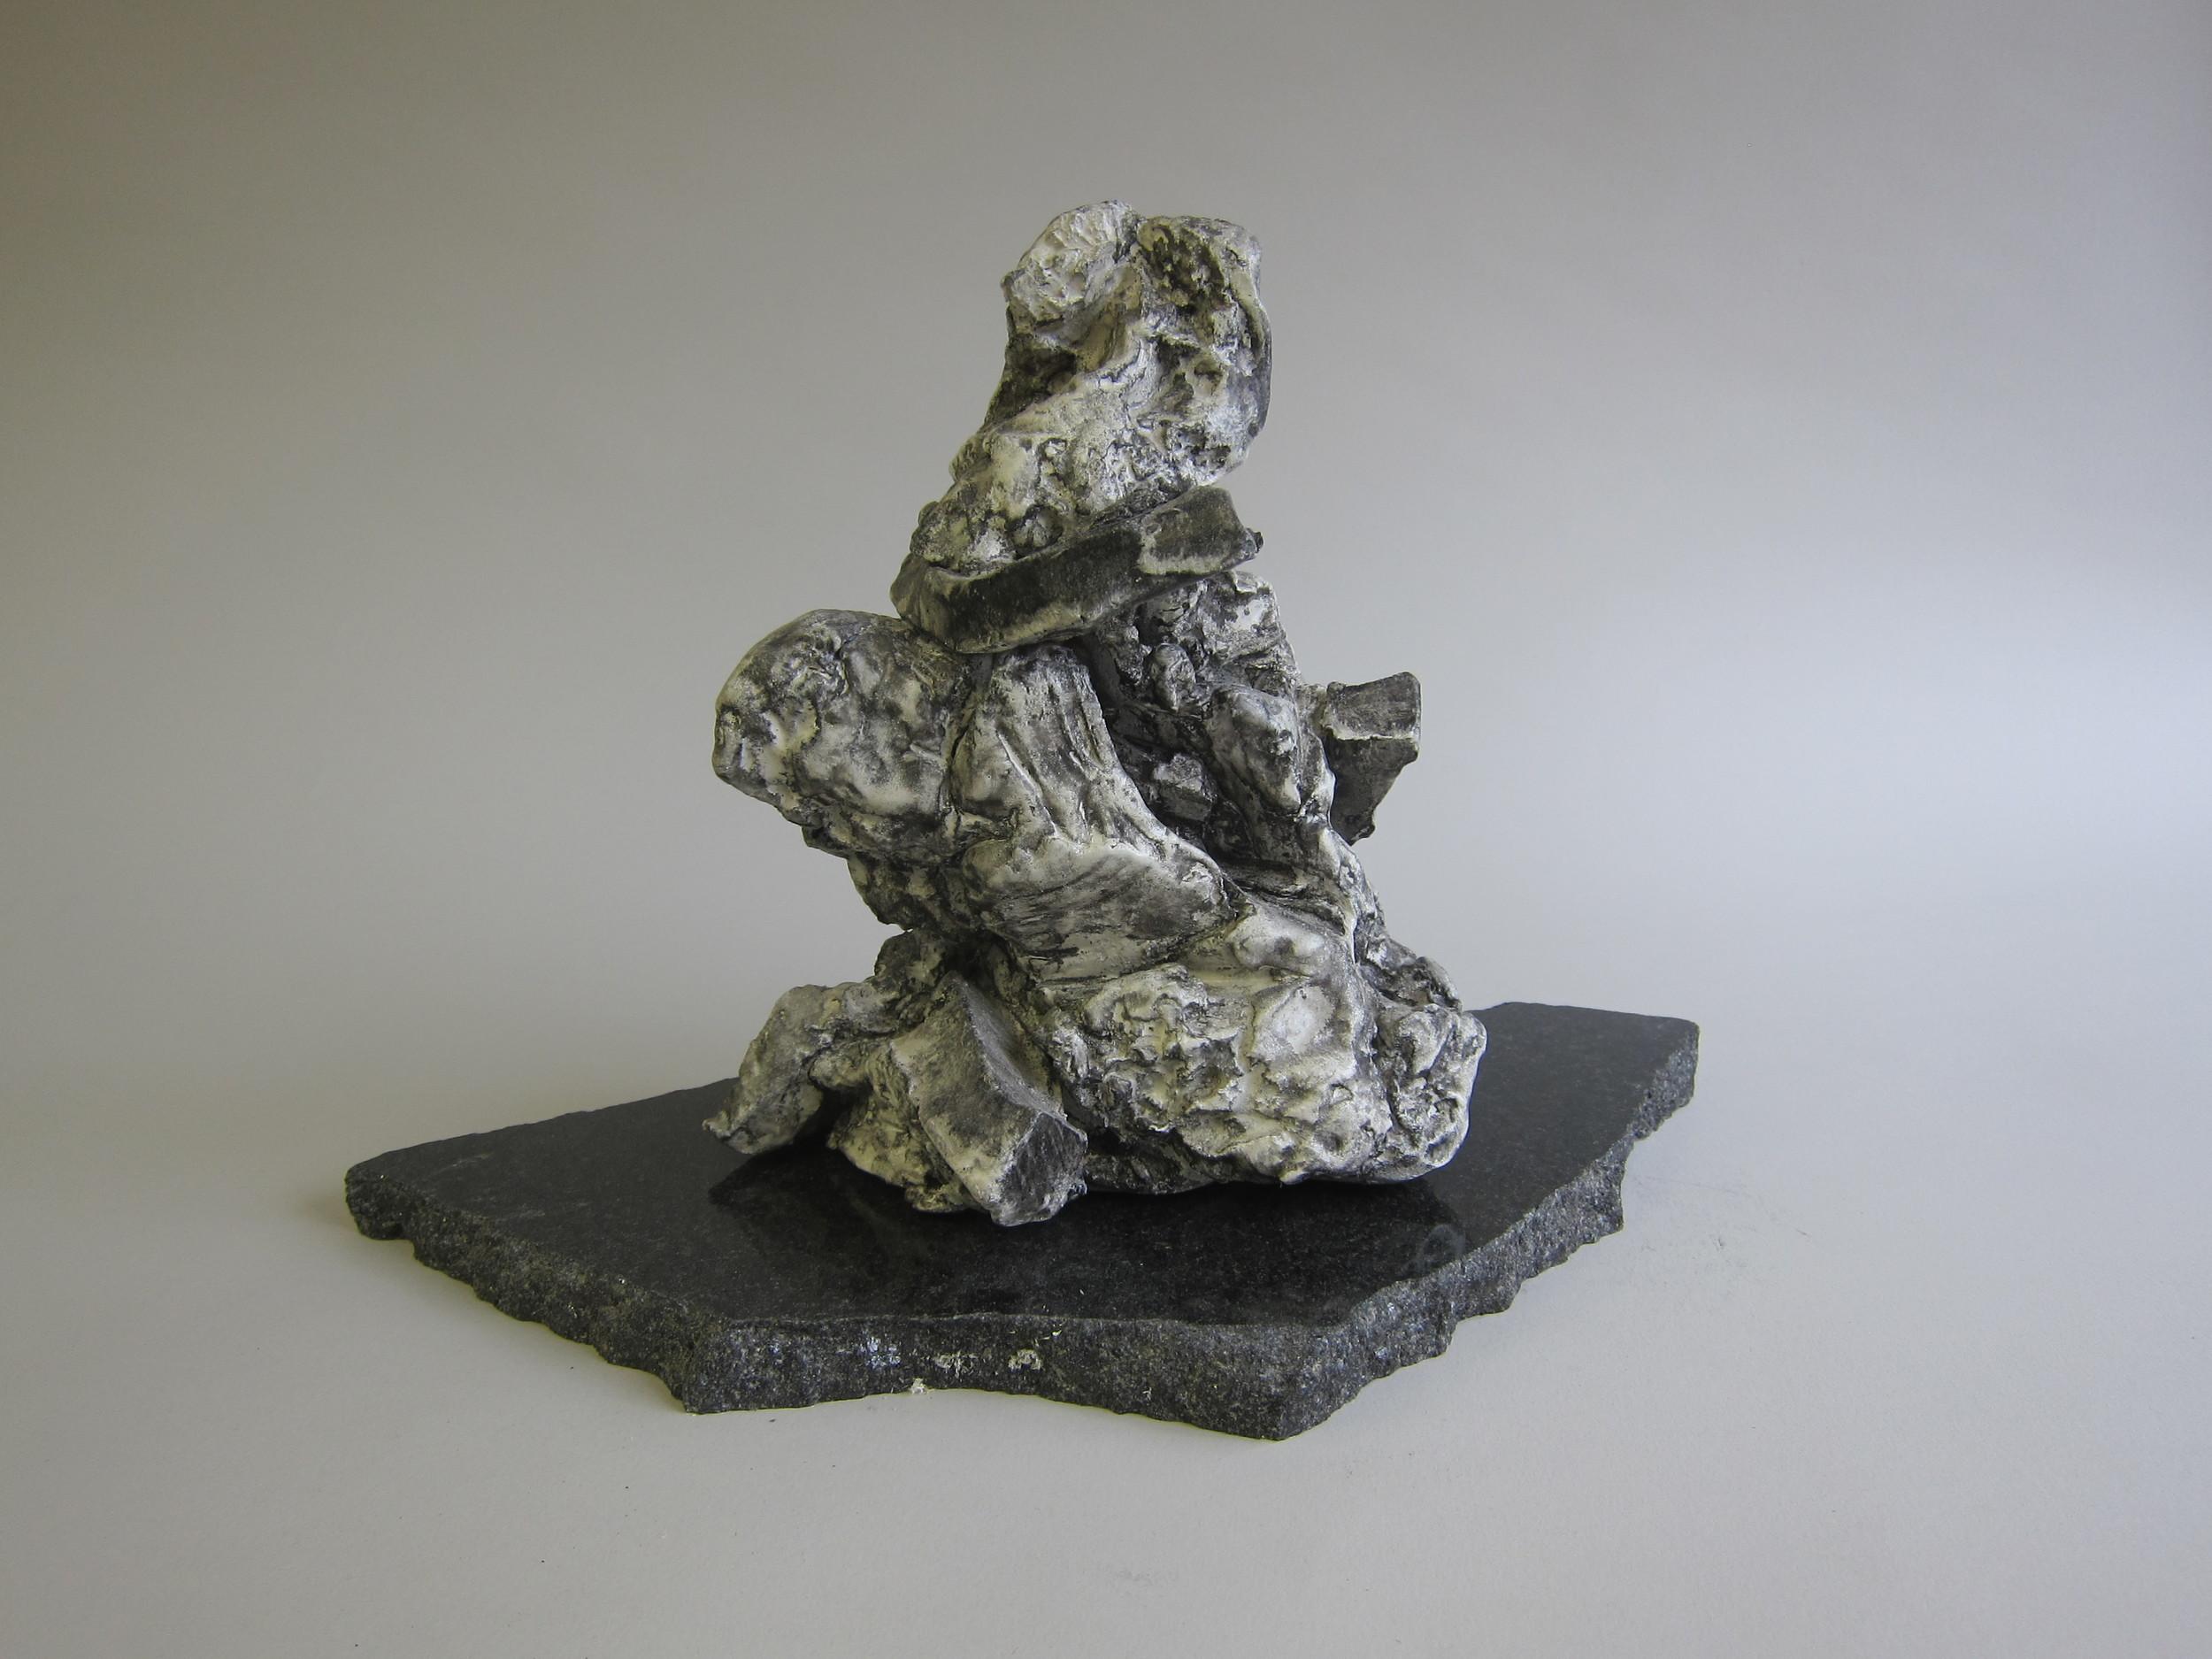 Ceramic, enamel paint, India ink, granite